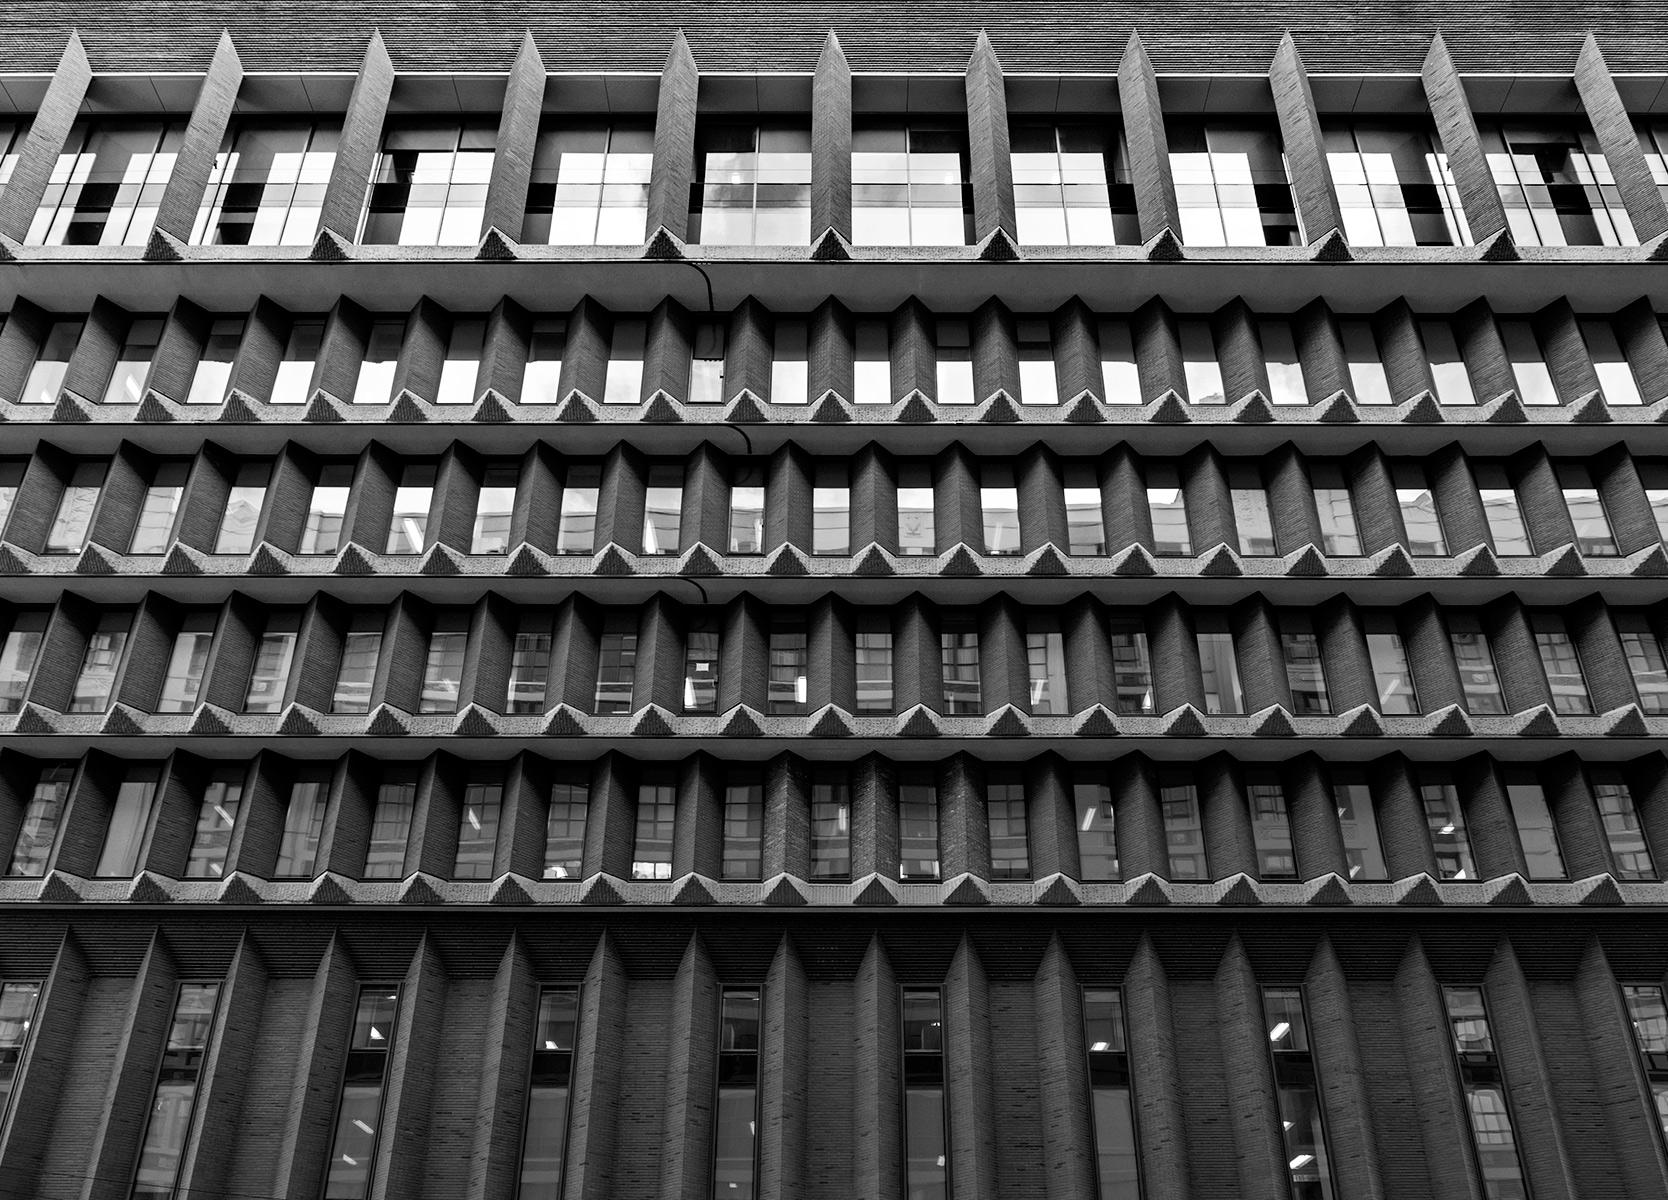 20160219. The facade of an inverted brutalist ziggurat.